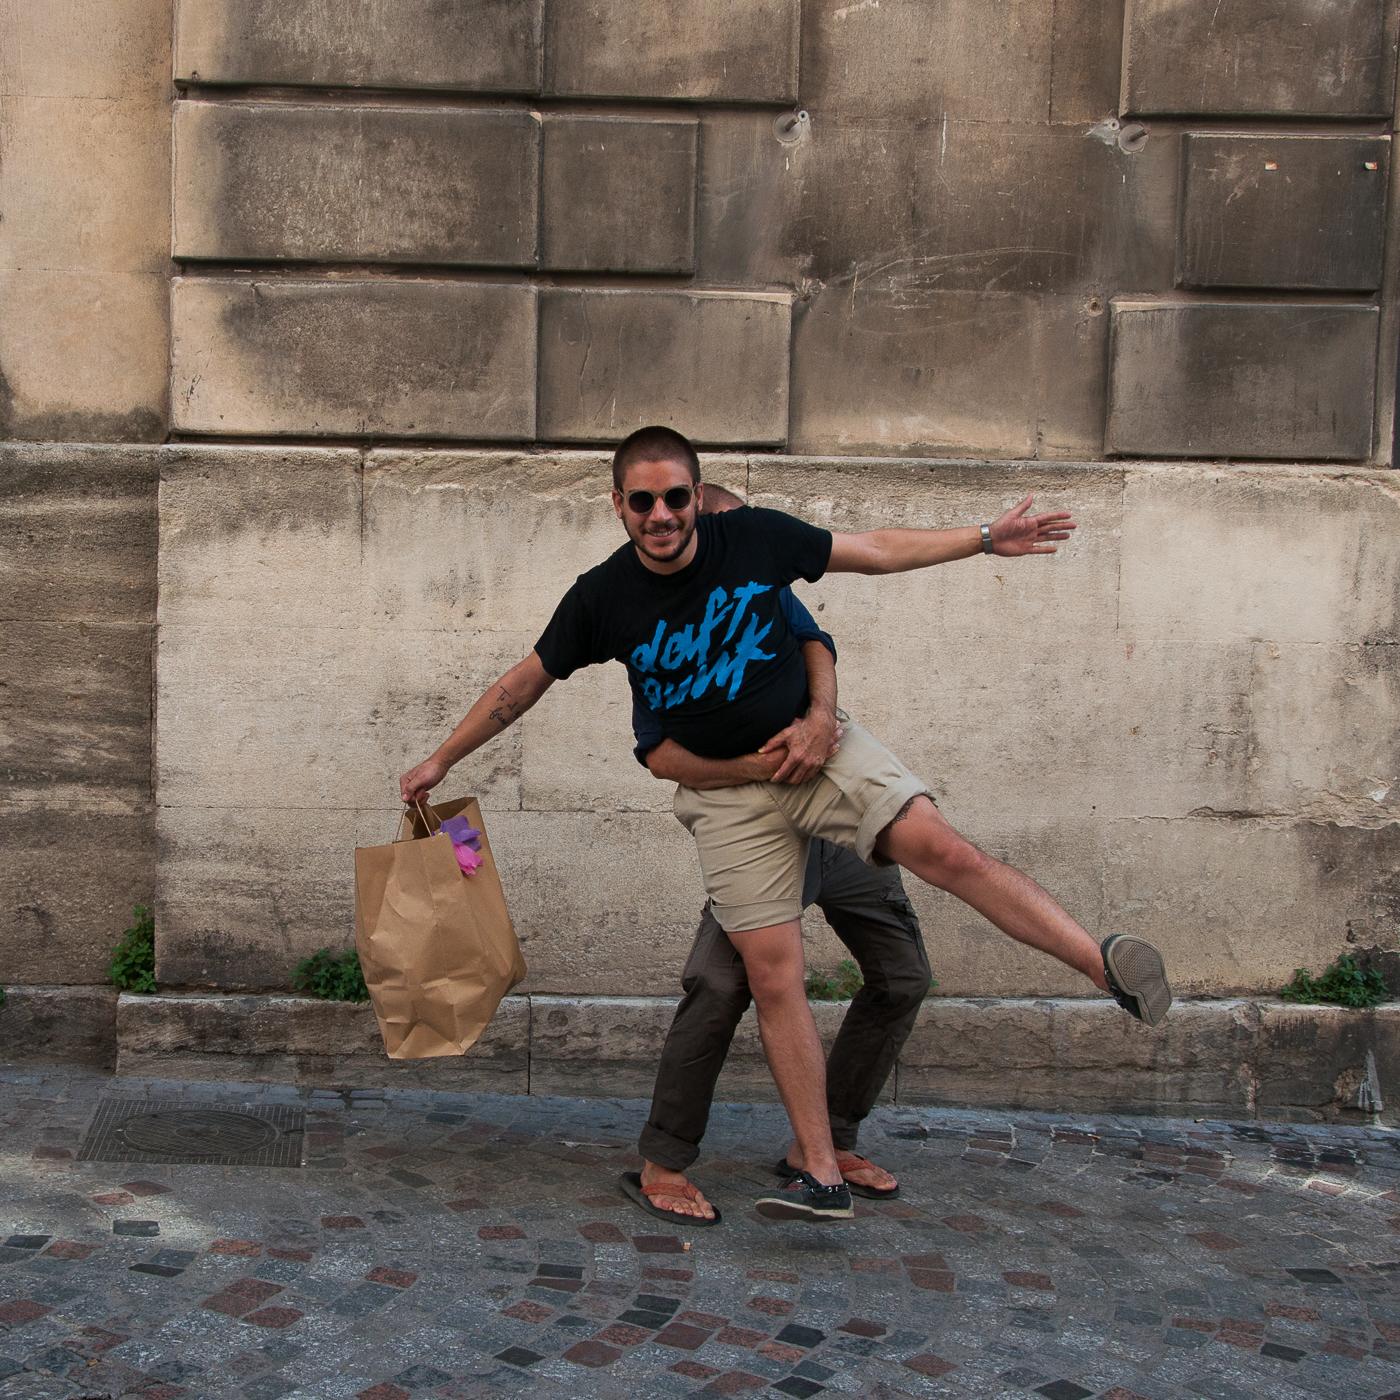 Arles 2015 - Paper bag